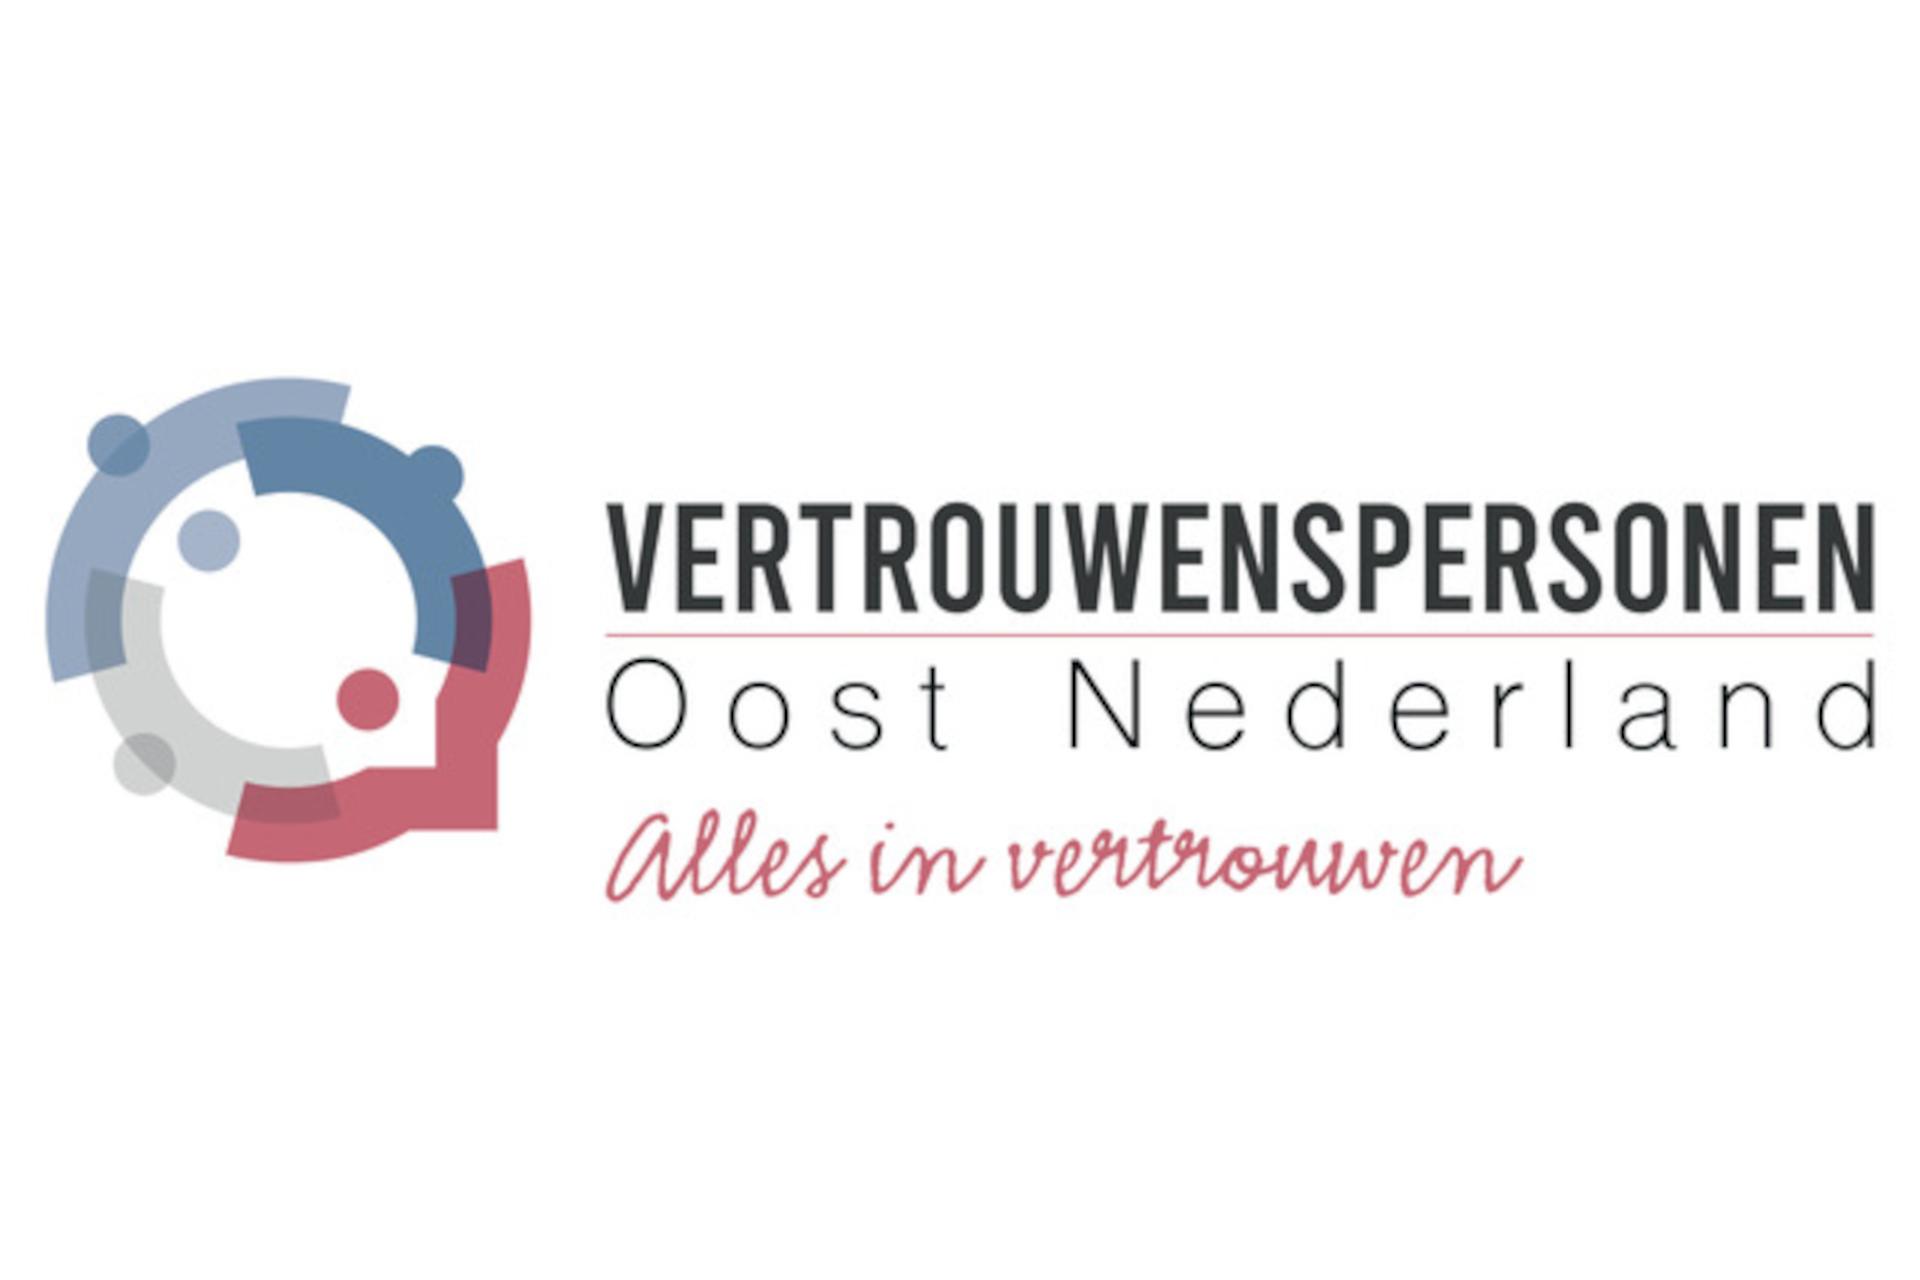 Vertrouwenspersonen_Oost_Nederland_lc_RGB_1920x1280